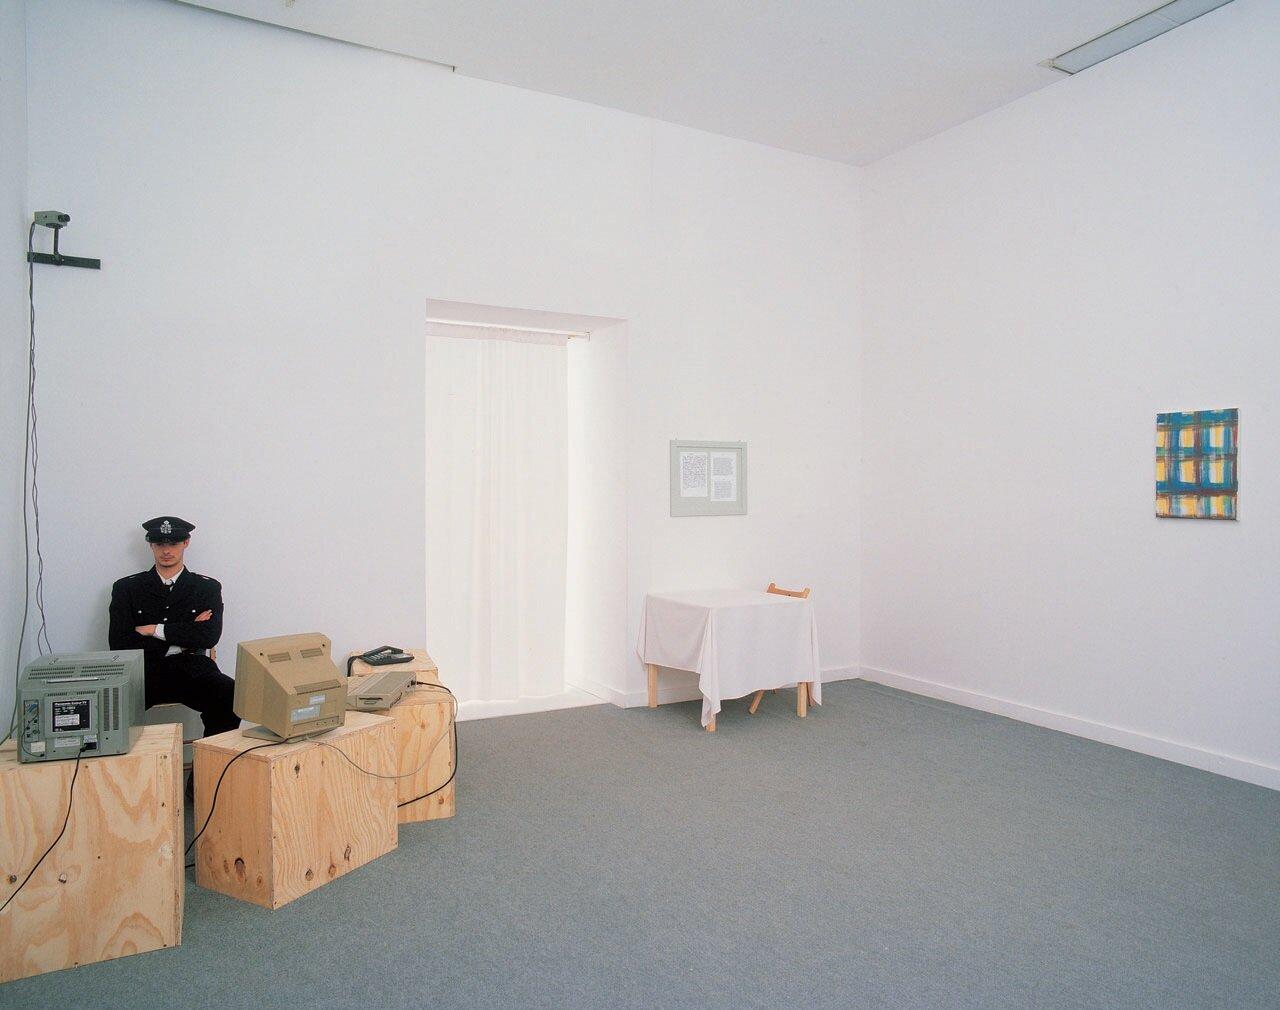 View-of-installation-Museum-van-Hedendaagse-Kunst-Antwerp-1998-Photo-by-Dirk-Pauwels-.jpg